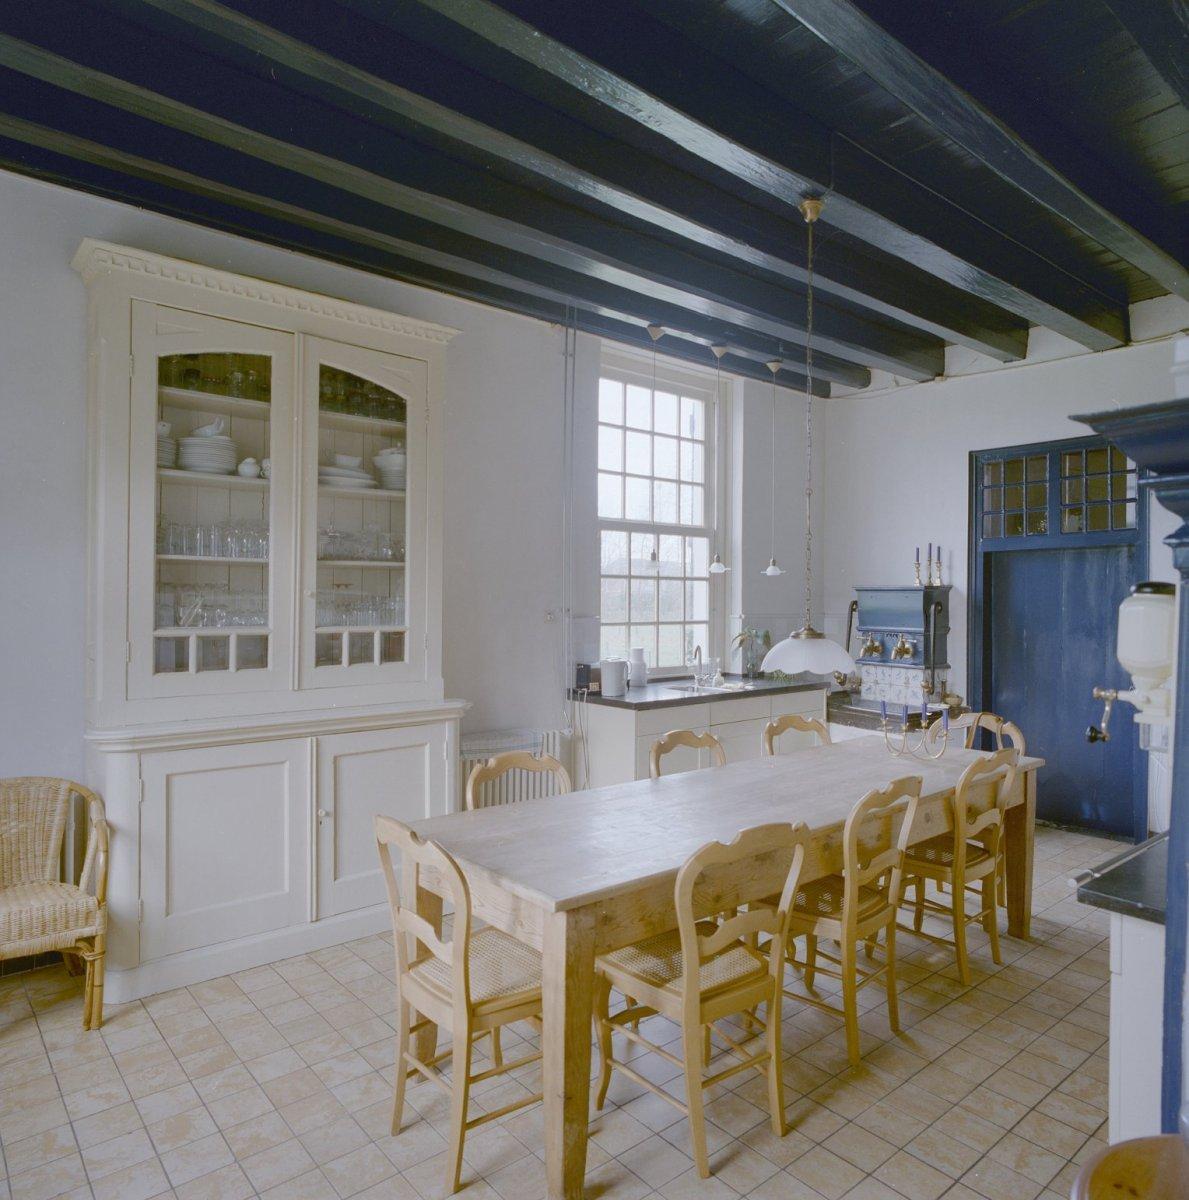 Balken plafond google zoeken plafond pinterest google lampen en modern - Houten balkenplafond ...